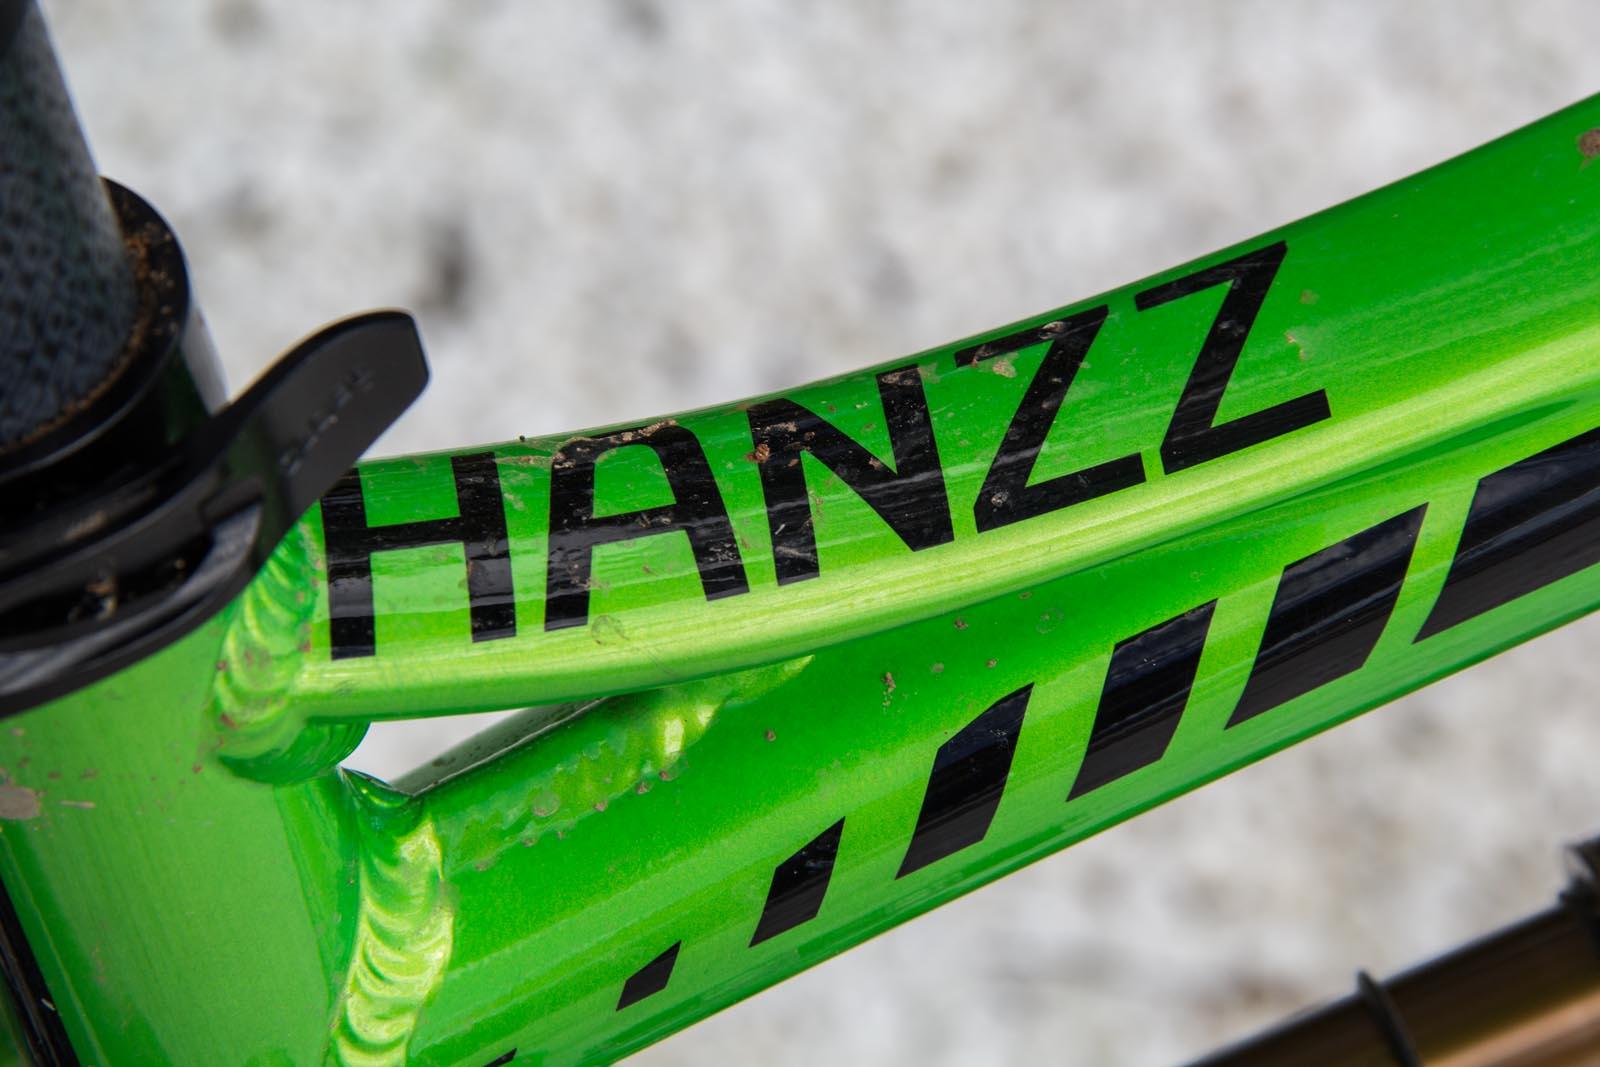 Cube Hanzz SL 26 @Martina Bogott